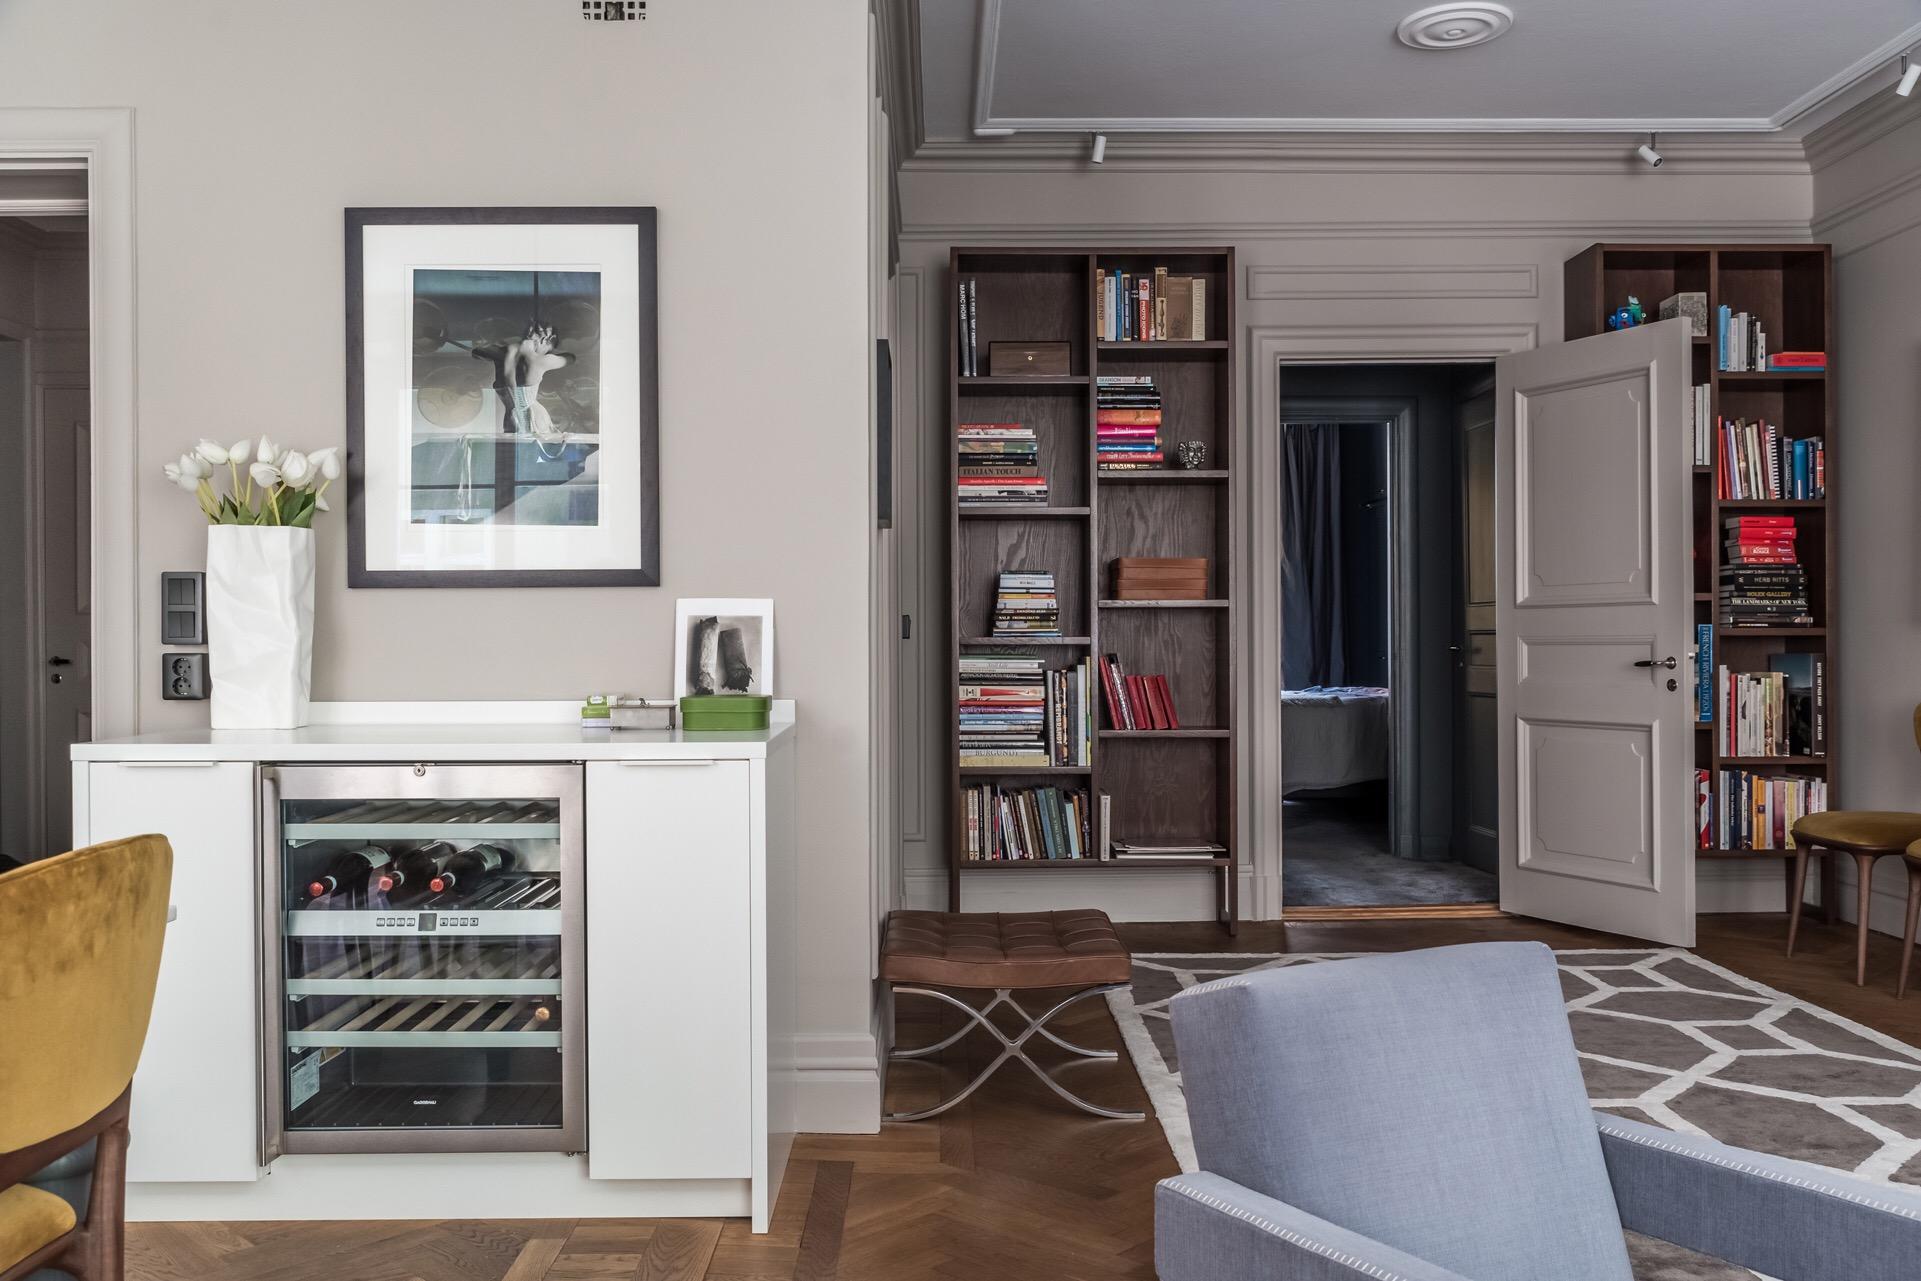 гостиная коридор книжный шкаф двери